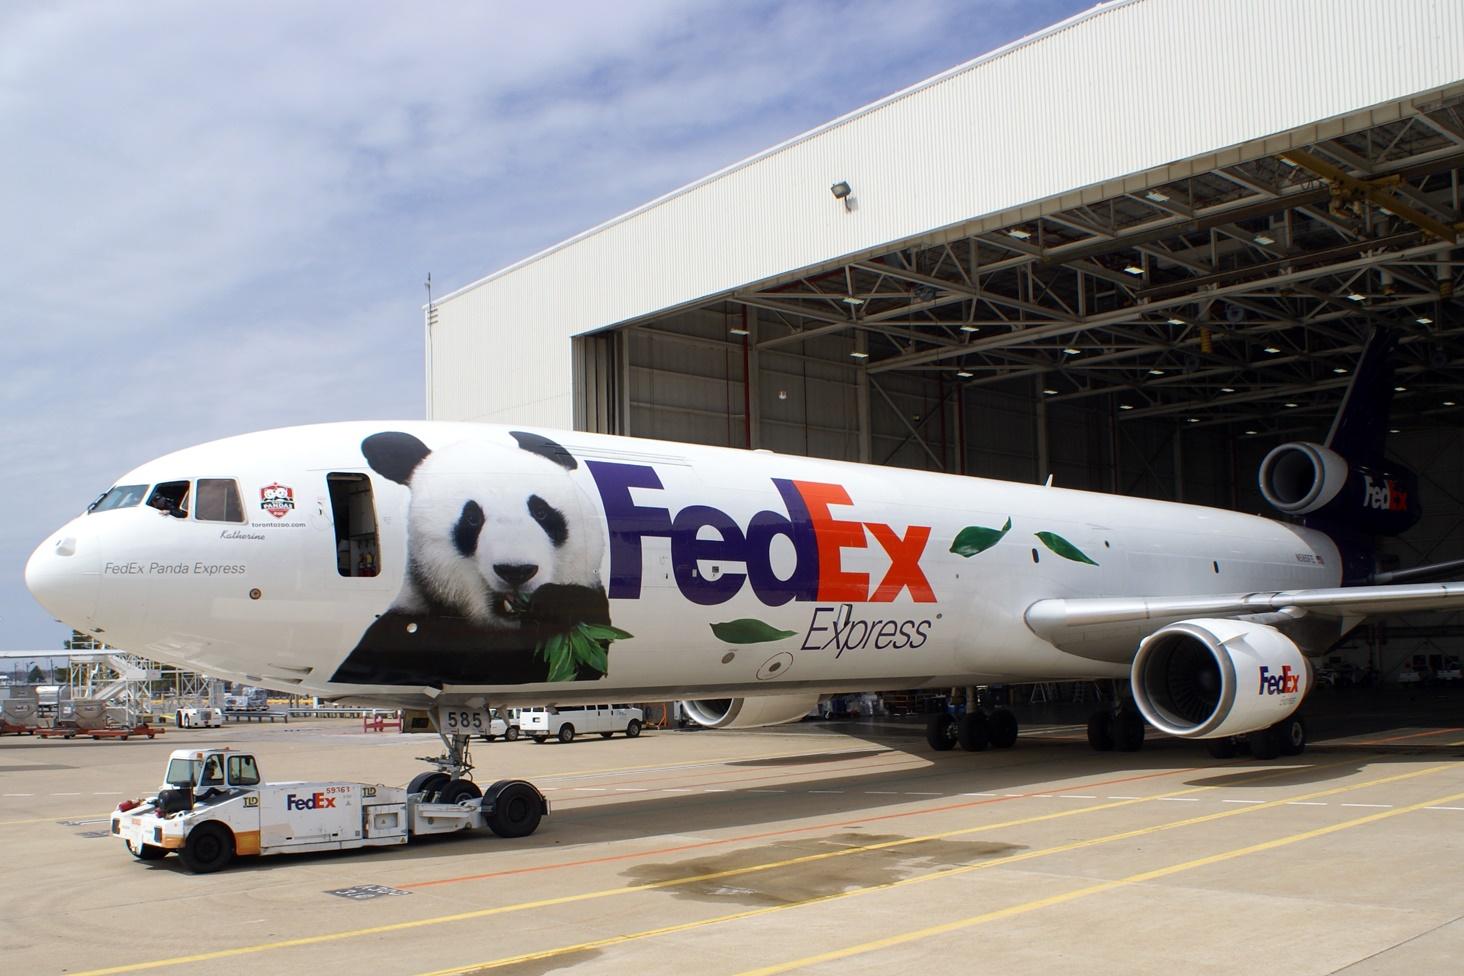 Imagem de Ransomware NotPetya causou impacto de US$ 300 milhões nas finanças da FedEx no tecmundo